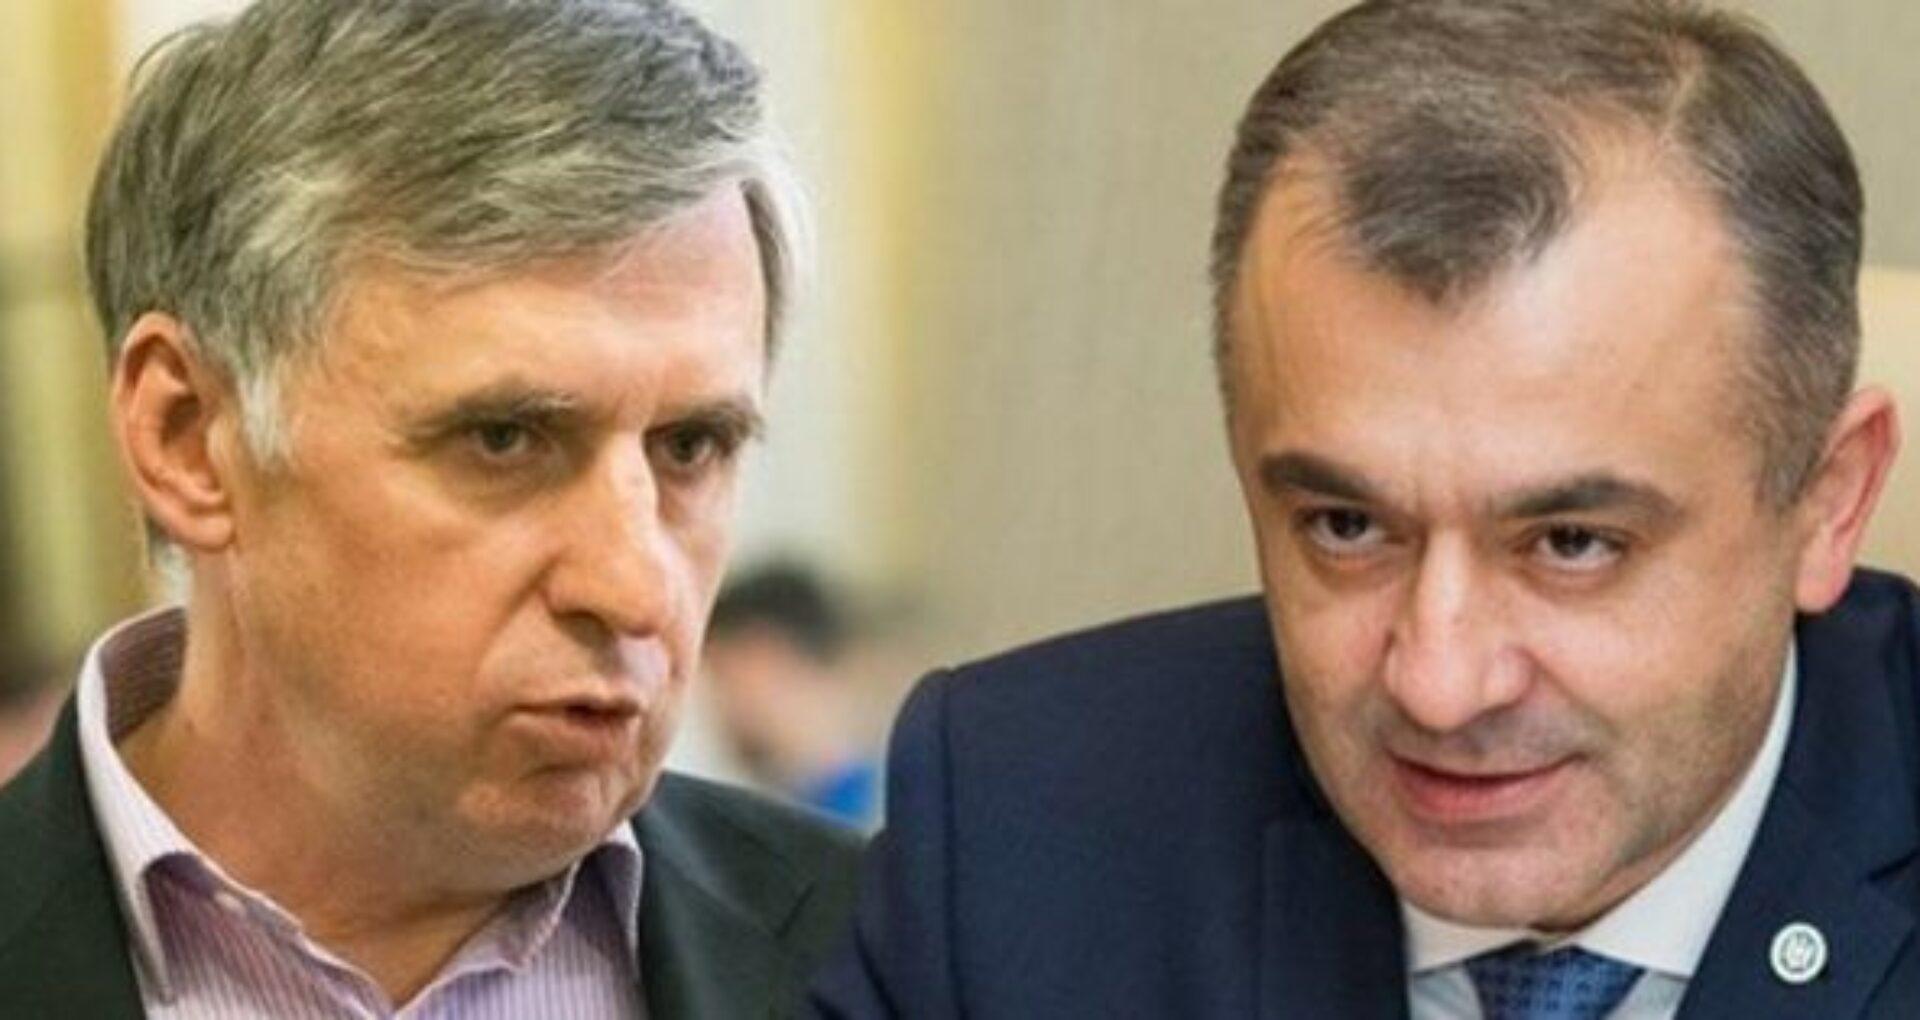 Duel pe Facebook între un fost și actual prim-ministru. Chicu și Sturza se ceartă în mediul online